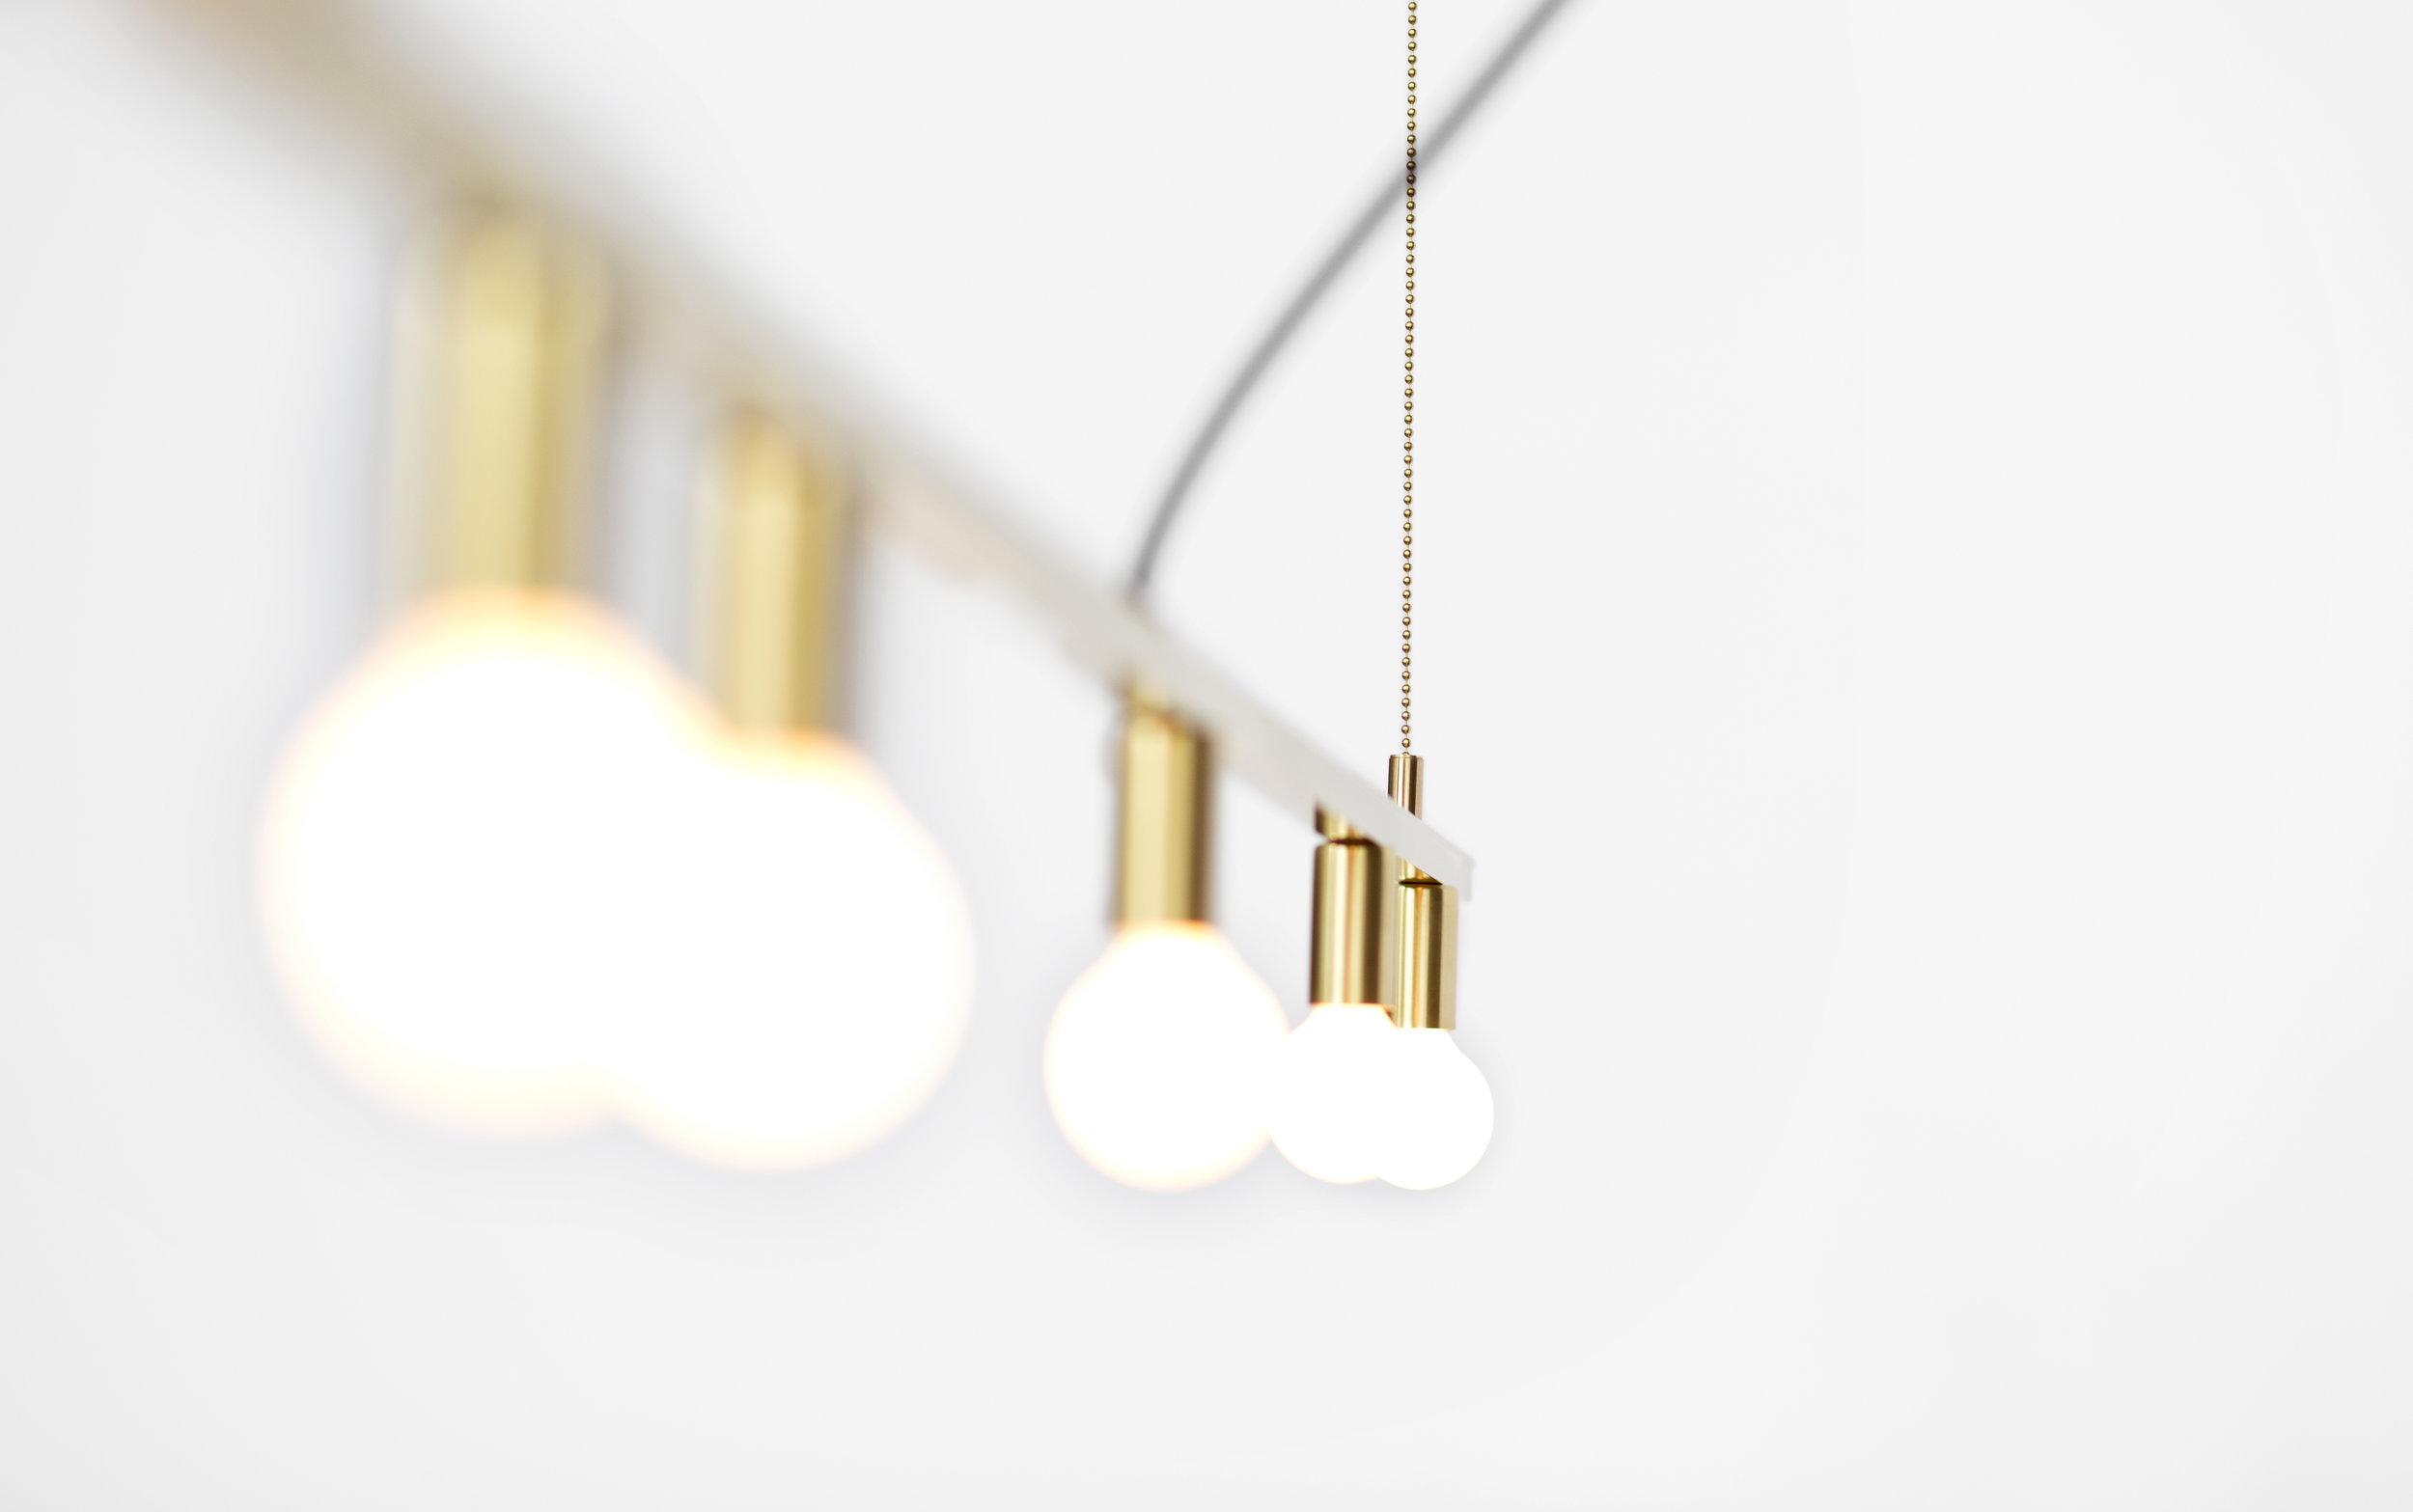 lambert_et_fils_dot_linear_linear_suspension_lamp_gestalt_new_york.jpg